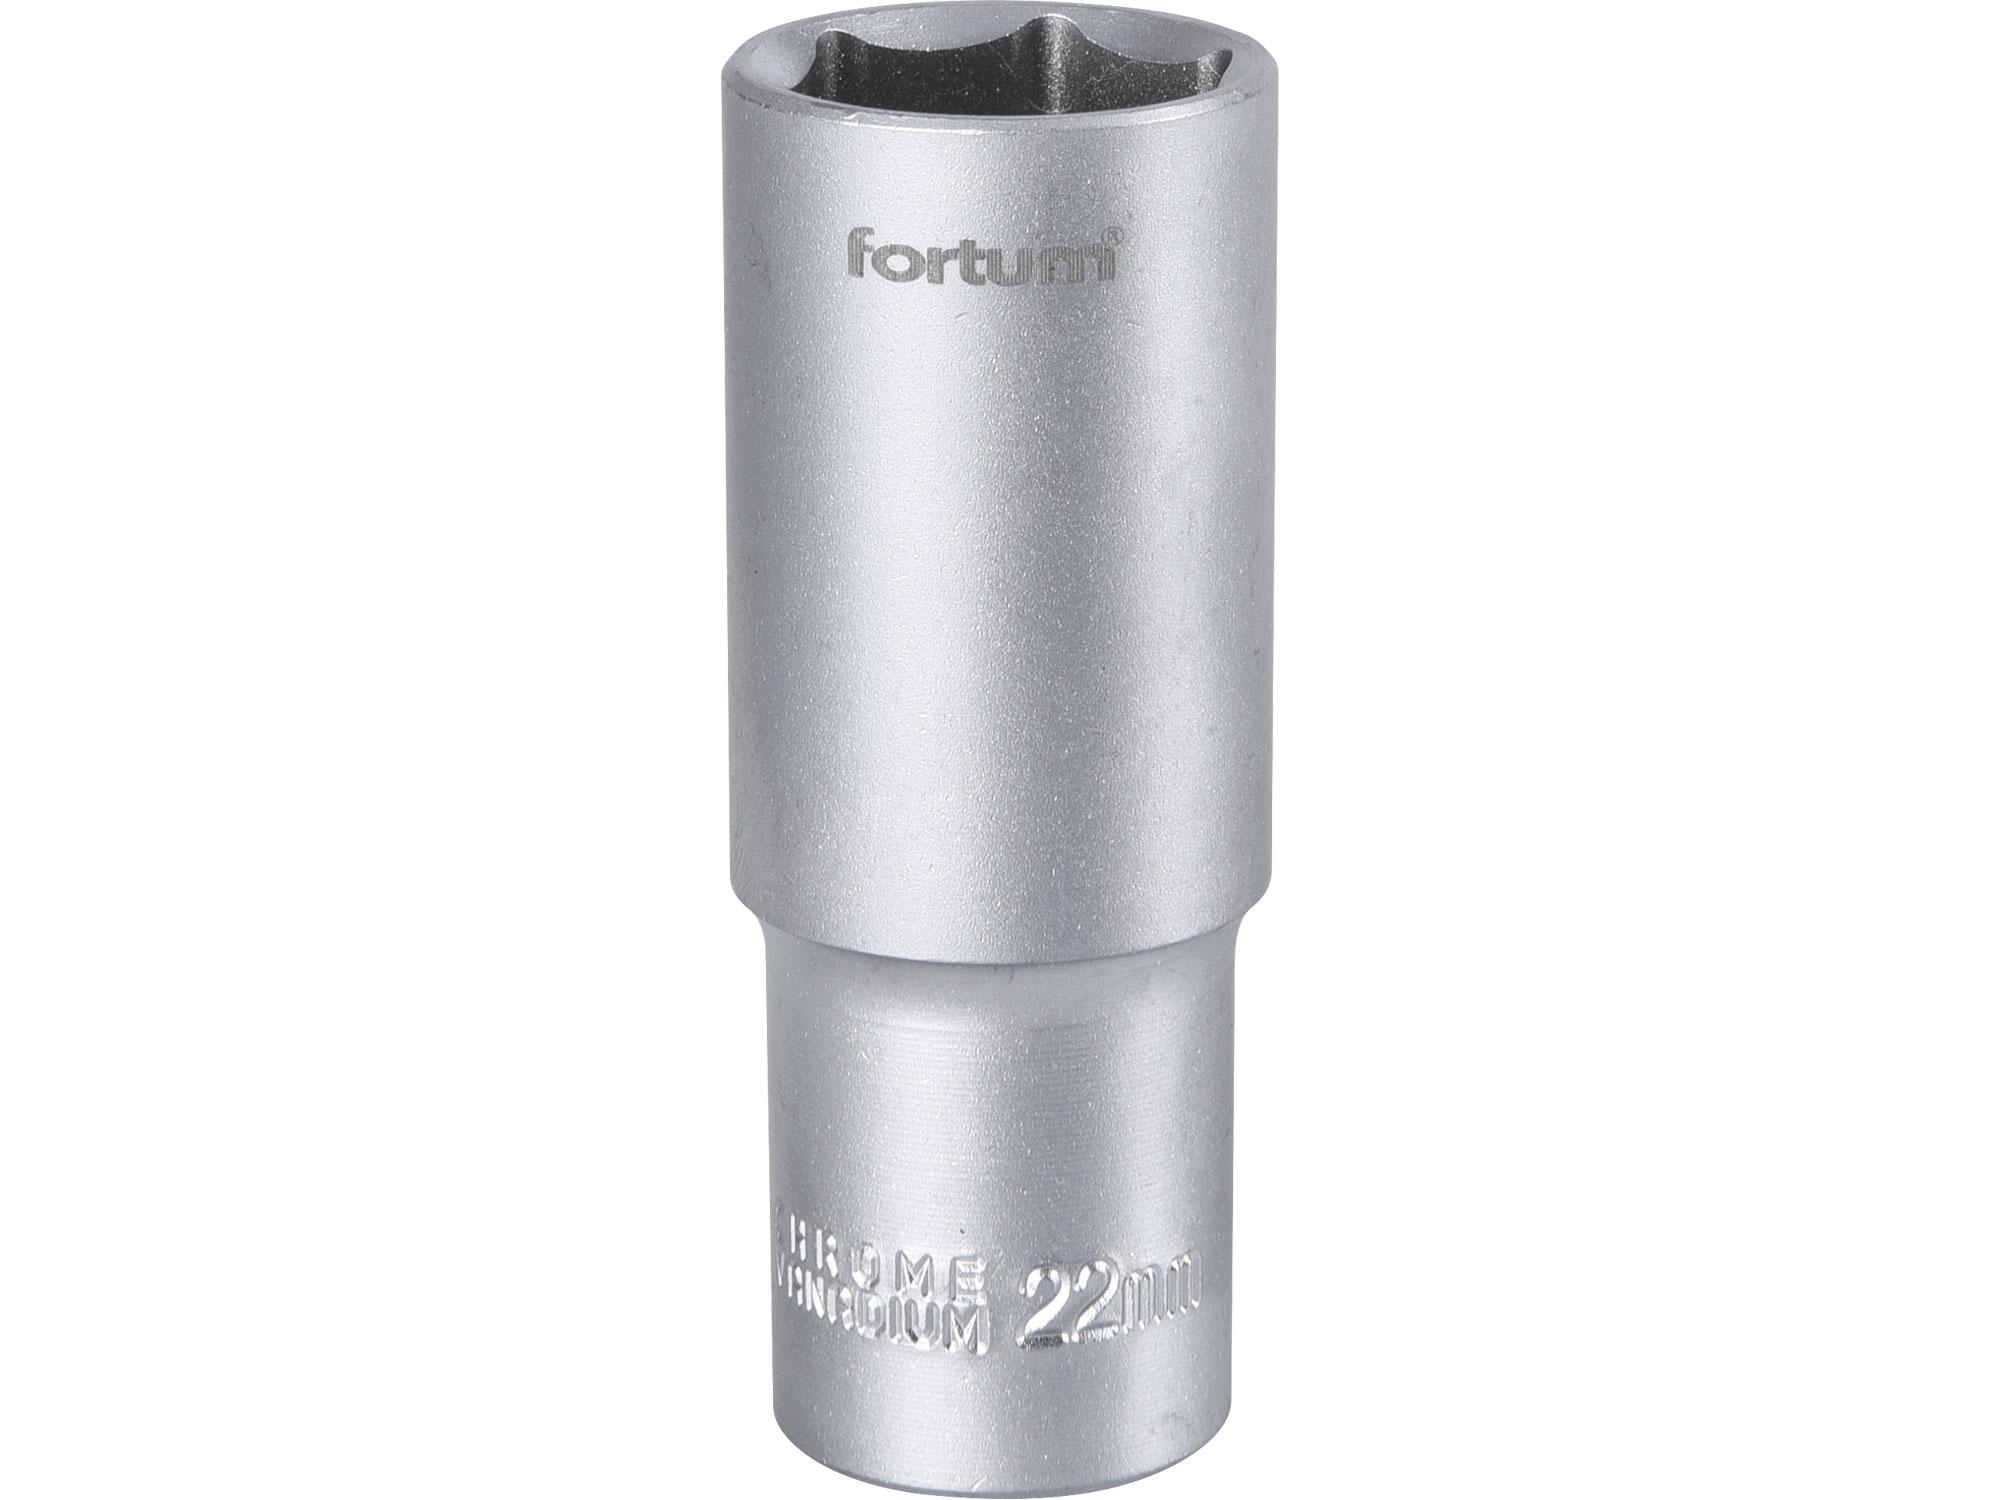 """hlavice nástrčná prodloužená, 1/2"""", 22mm, L 77mm, FORTUM 4700522"""